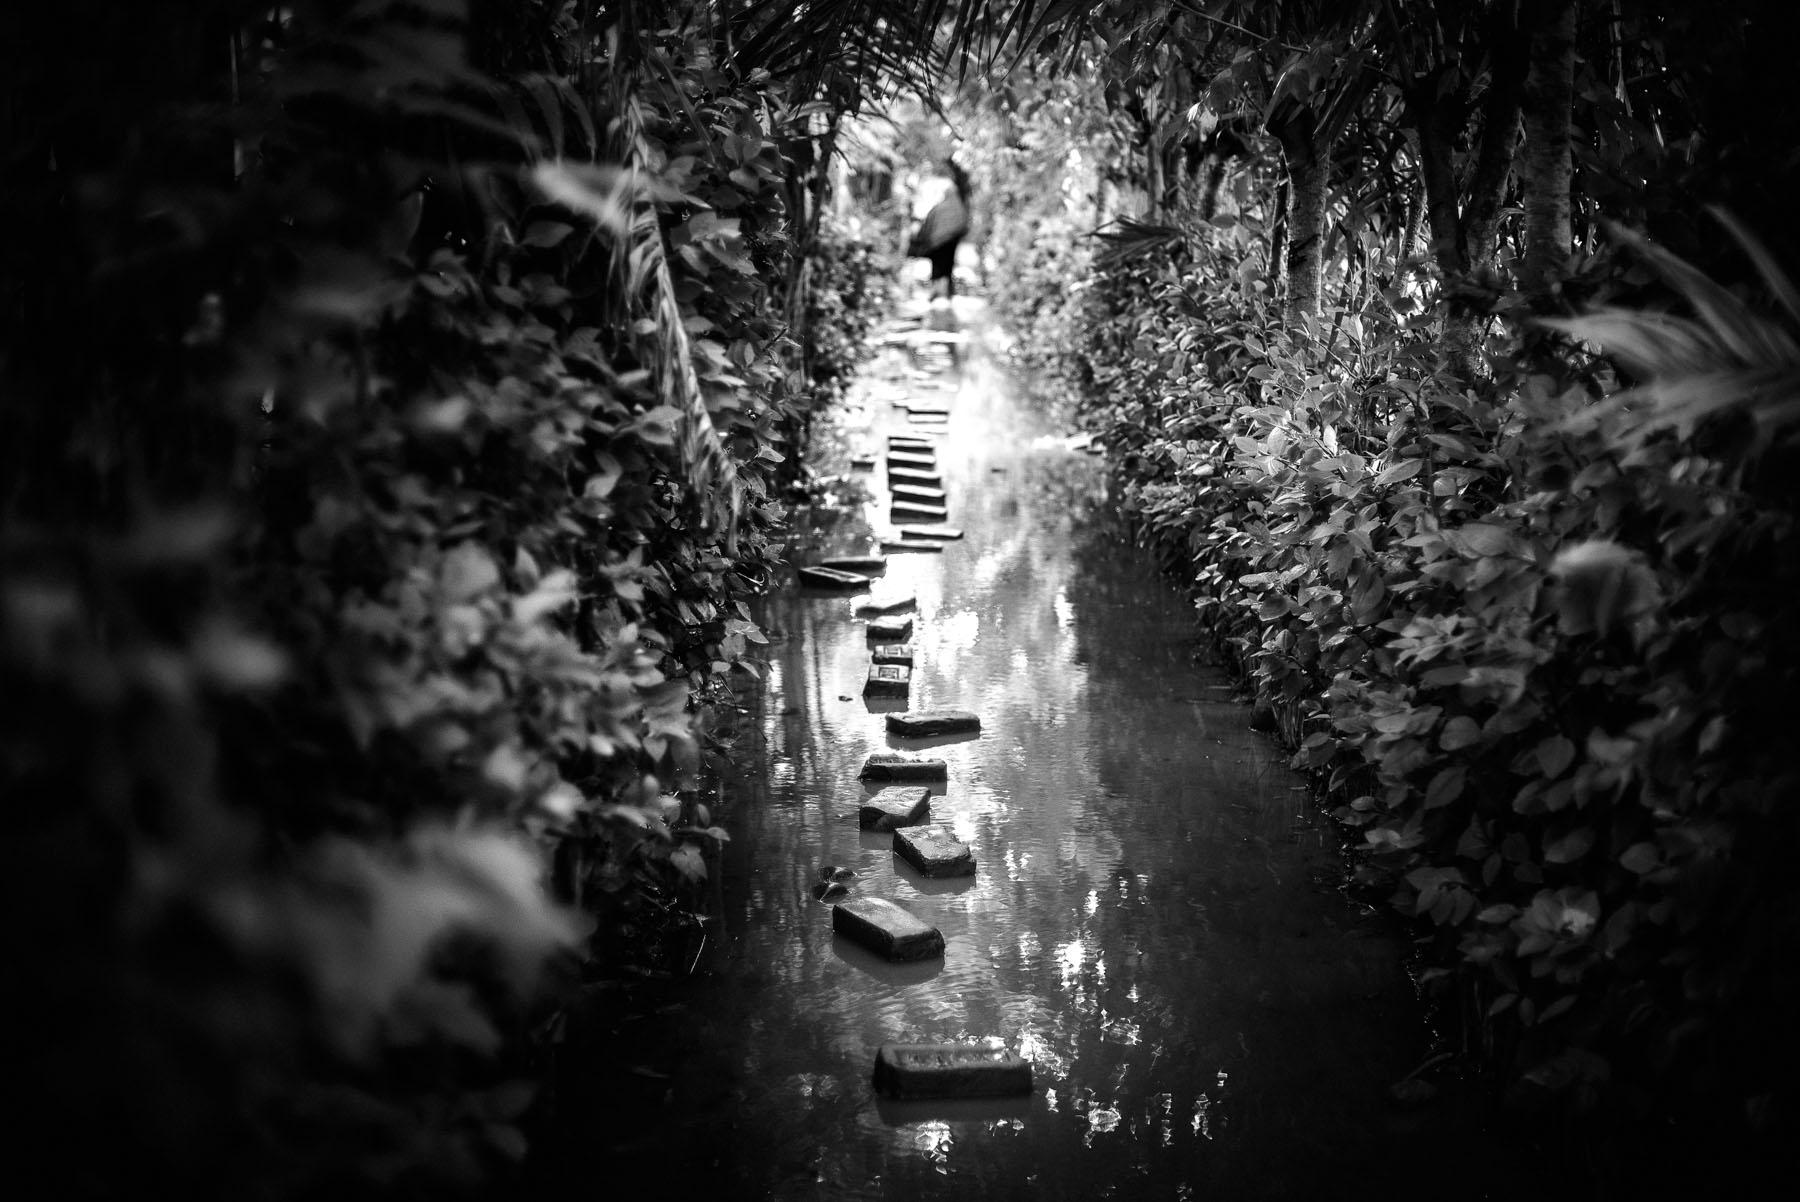 Jules_toulet_bangladesh-20